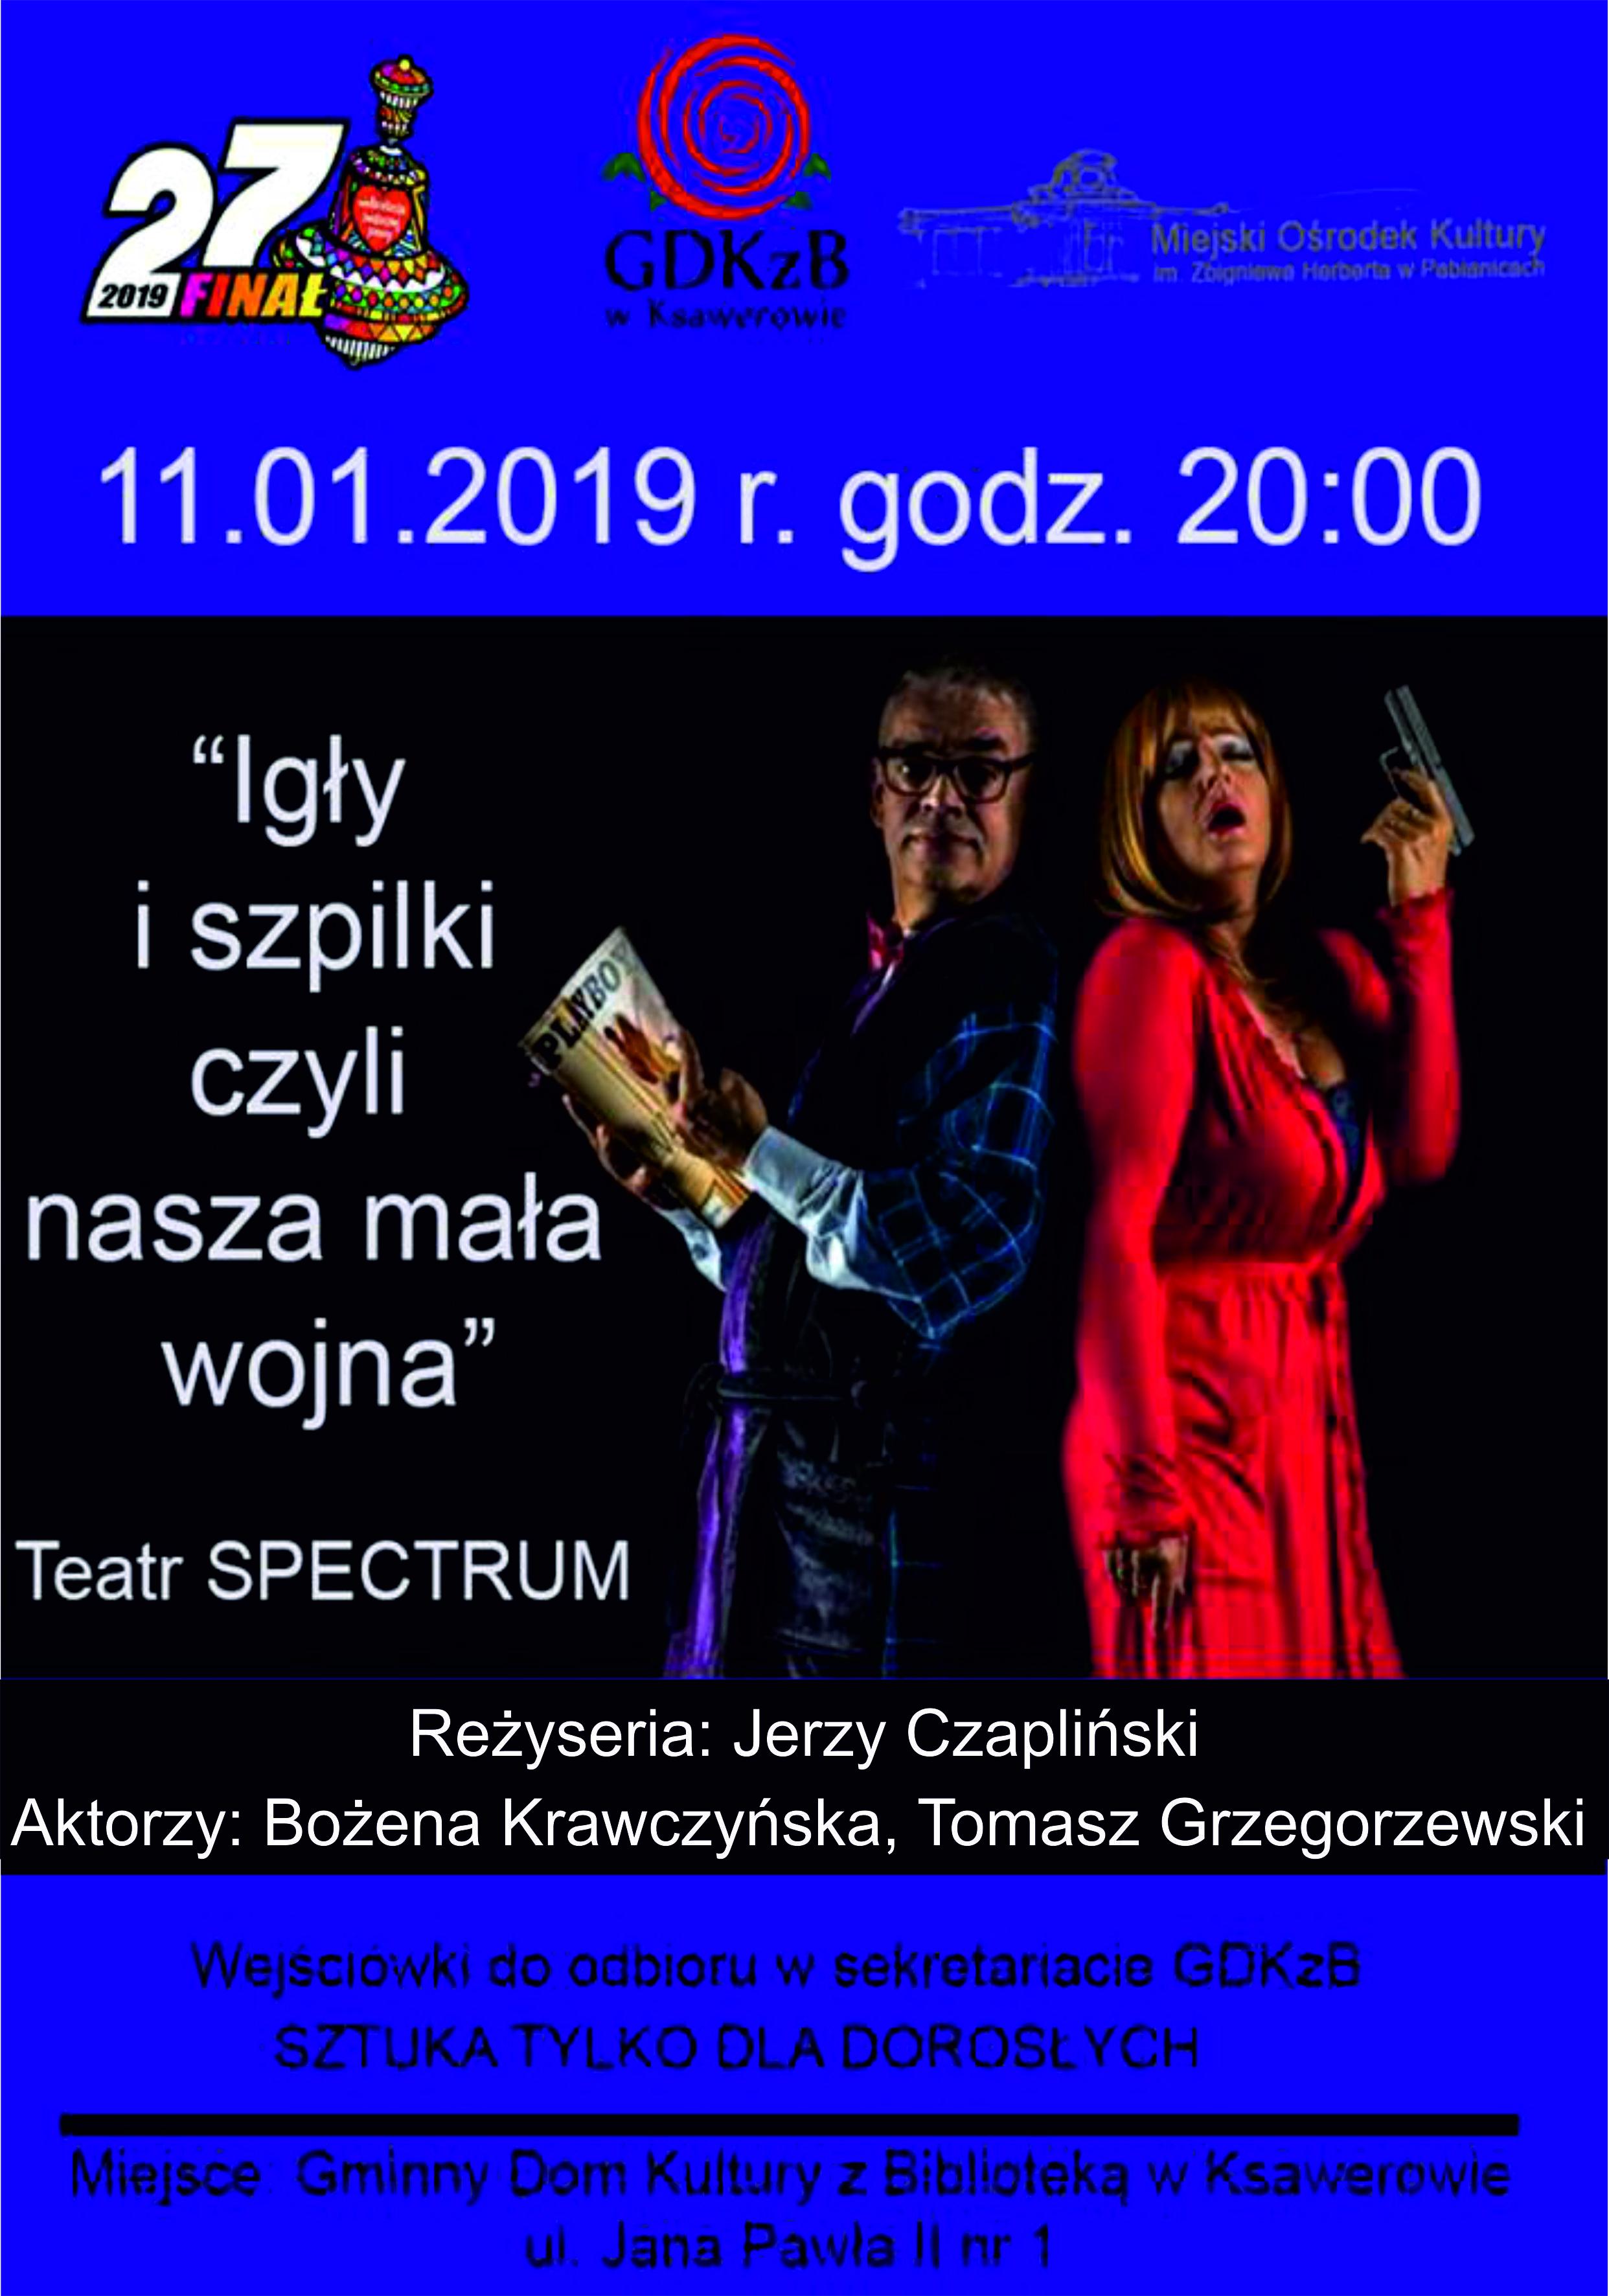 Teatr spectrum